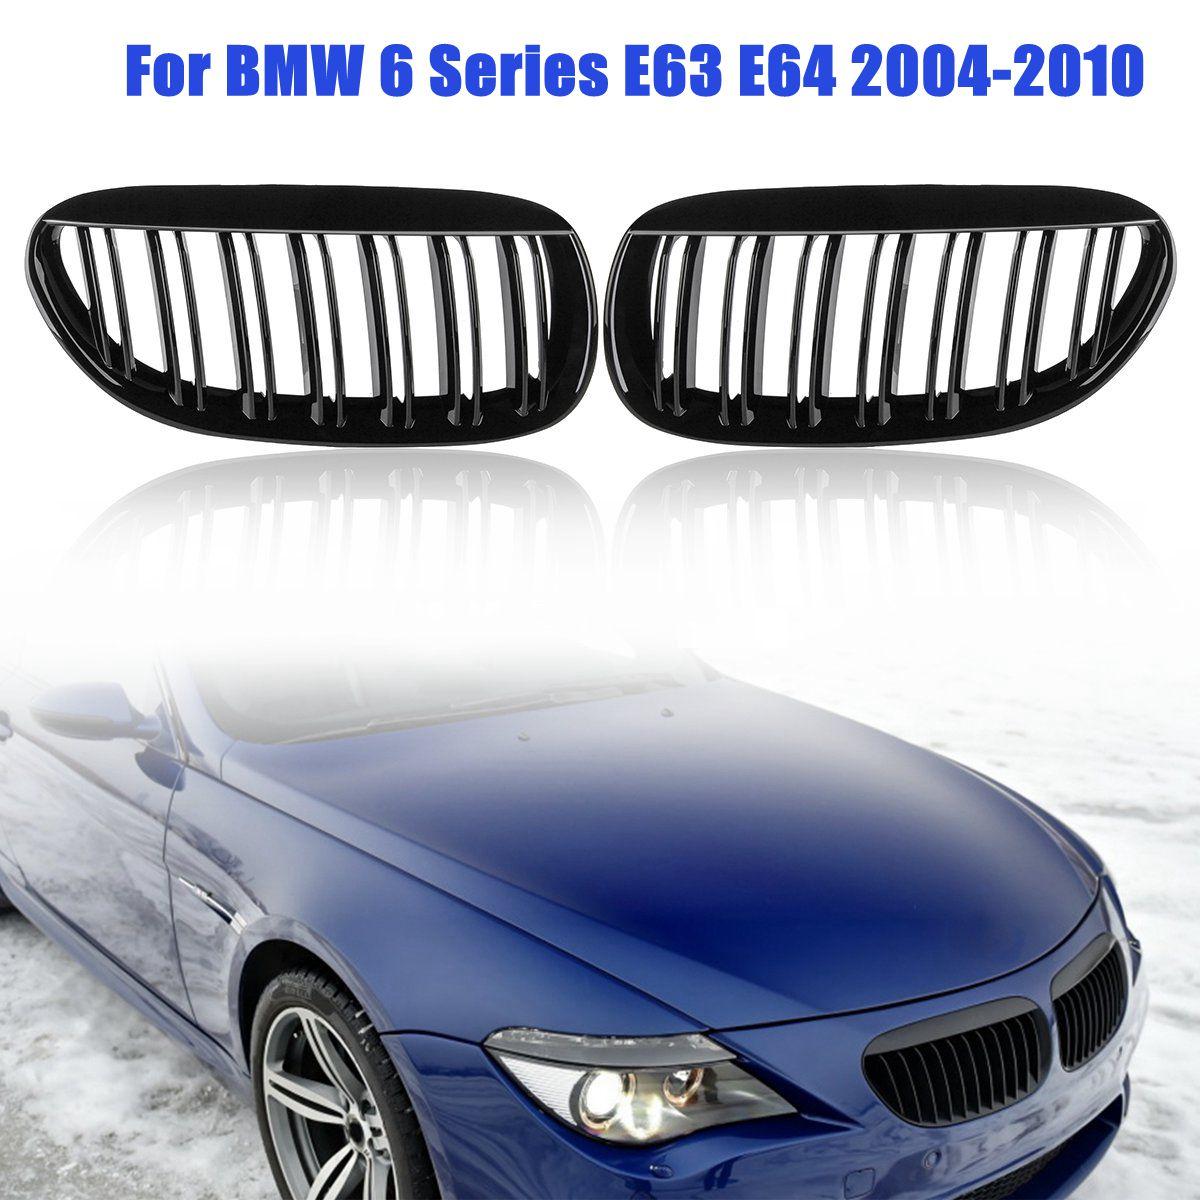 1 paire Brillant Noir Voiture Style Avant Rein Double Lame Avant Grill Grilles de Course pour BMW 6 Série E63 E64 2004-2010